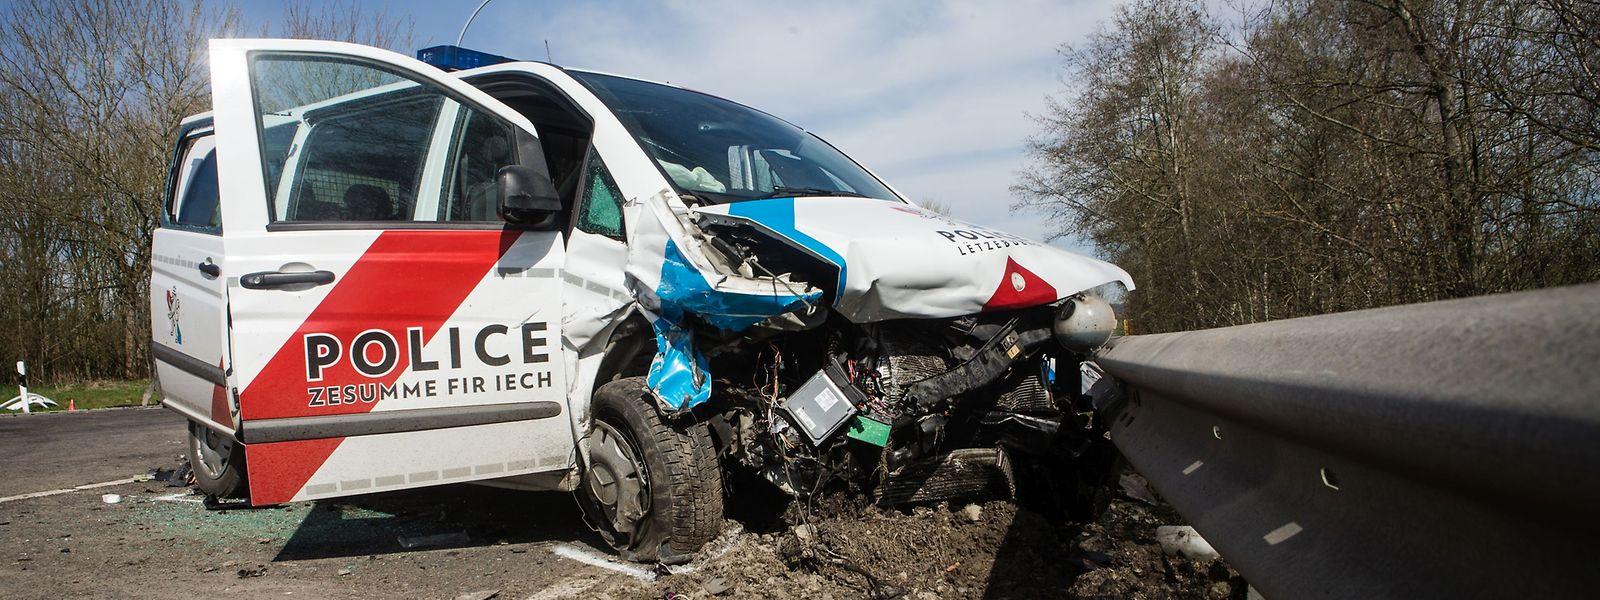 Une camionnette de police a violemment frappé une voiture de patrouille à l'intersection de Lausdorn